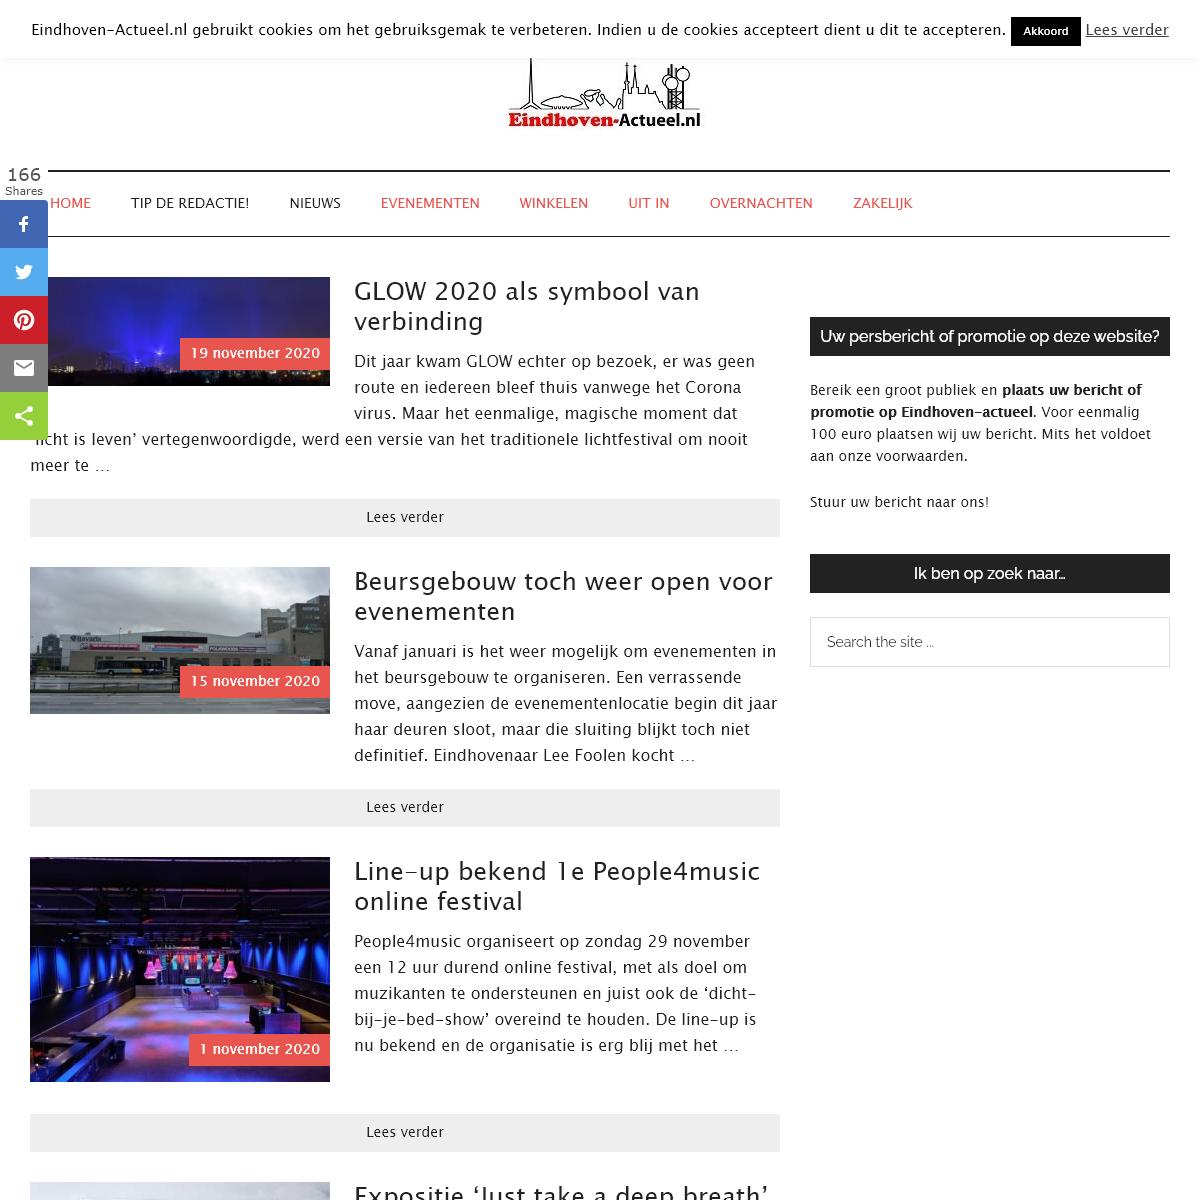 Eindhoven-Actueel - Alles over Eindhoven